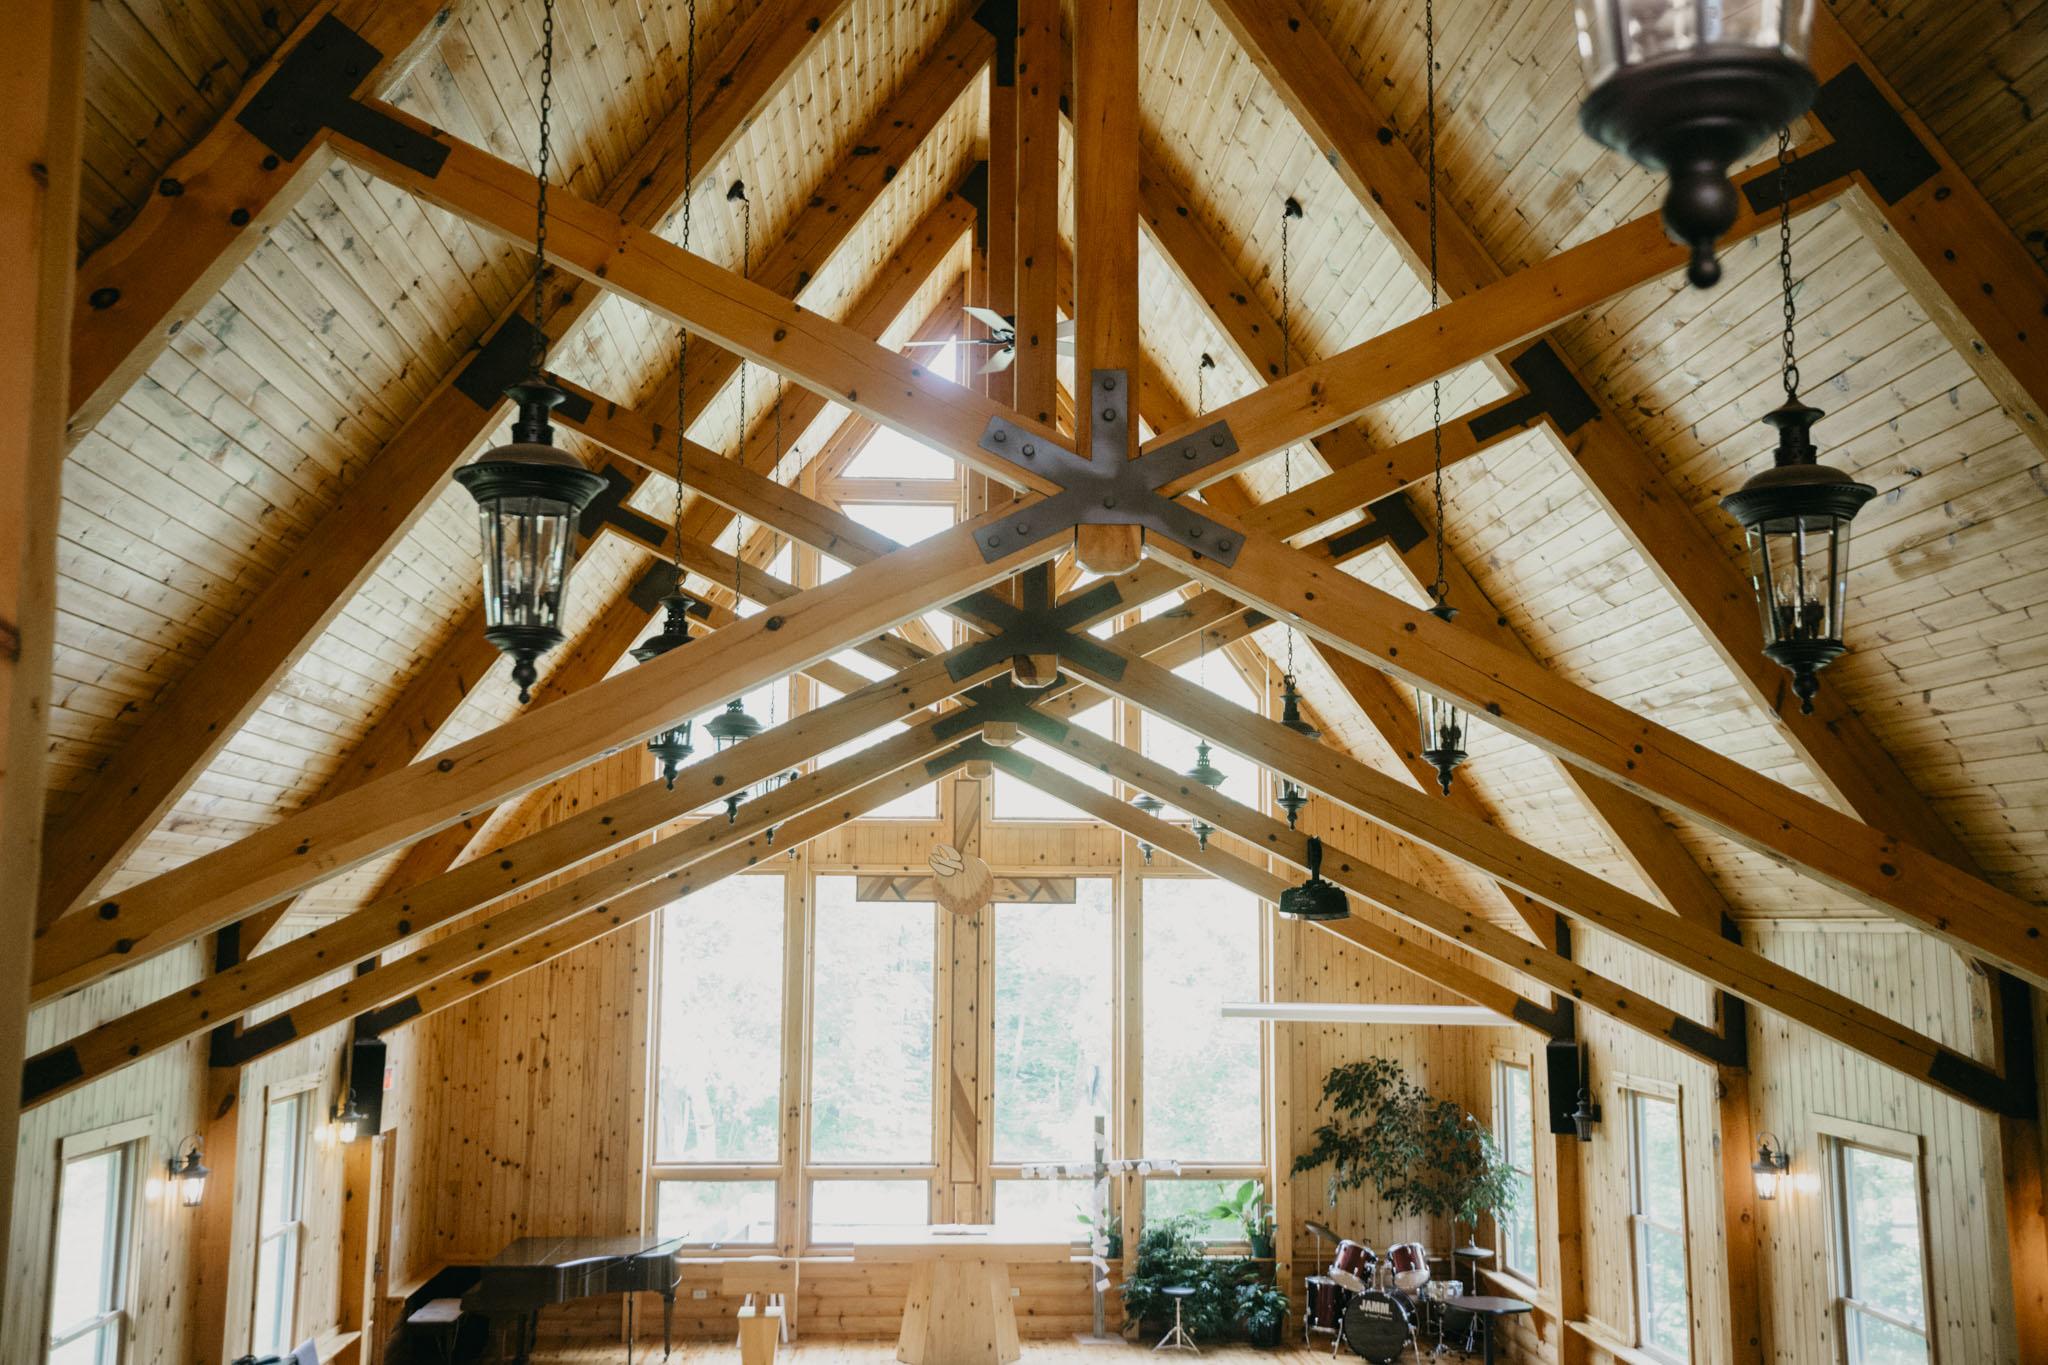 retreats facility tour